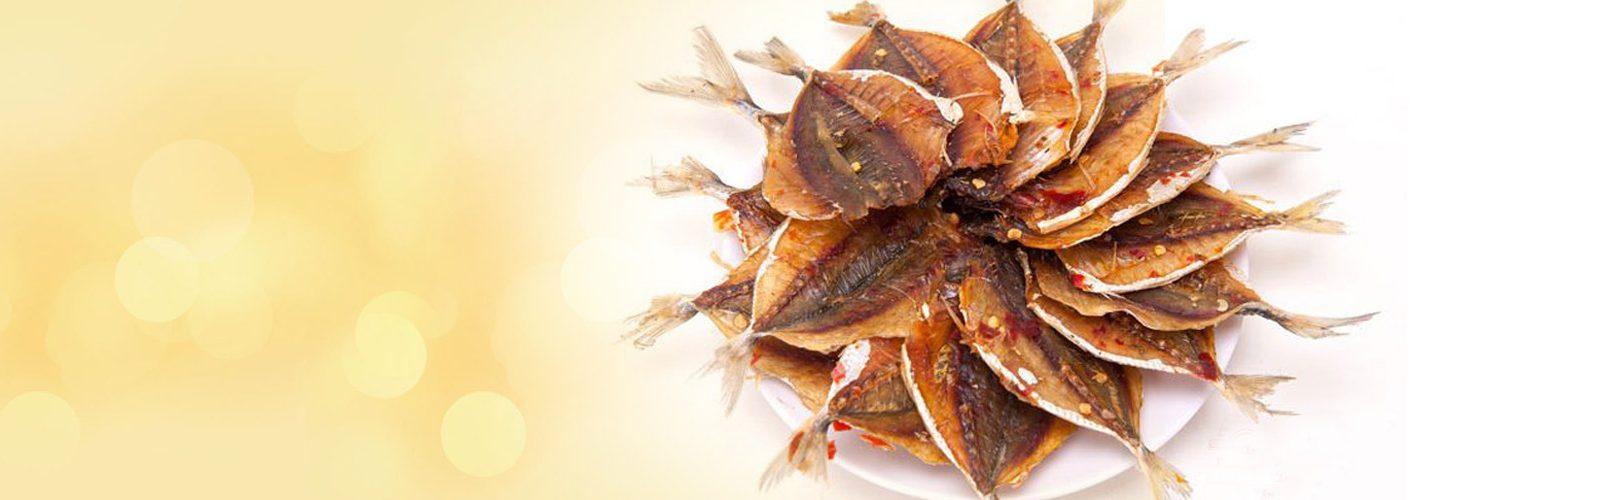 Cá Chỉ Vàng thương hiệu Bá Kiến